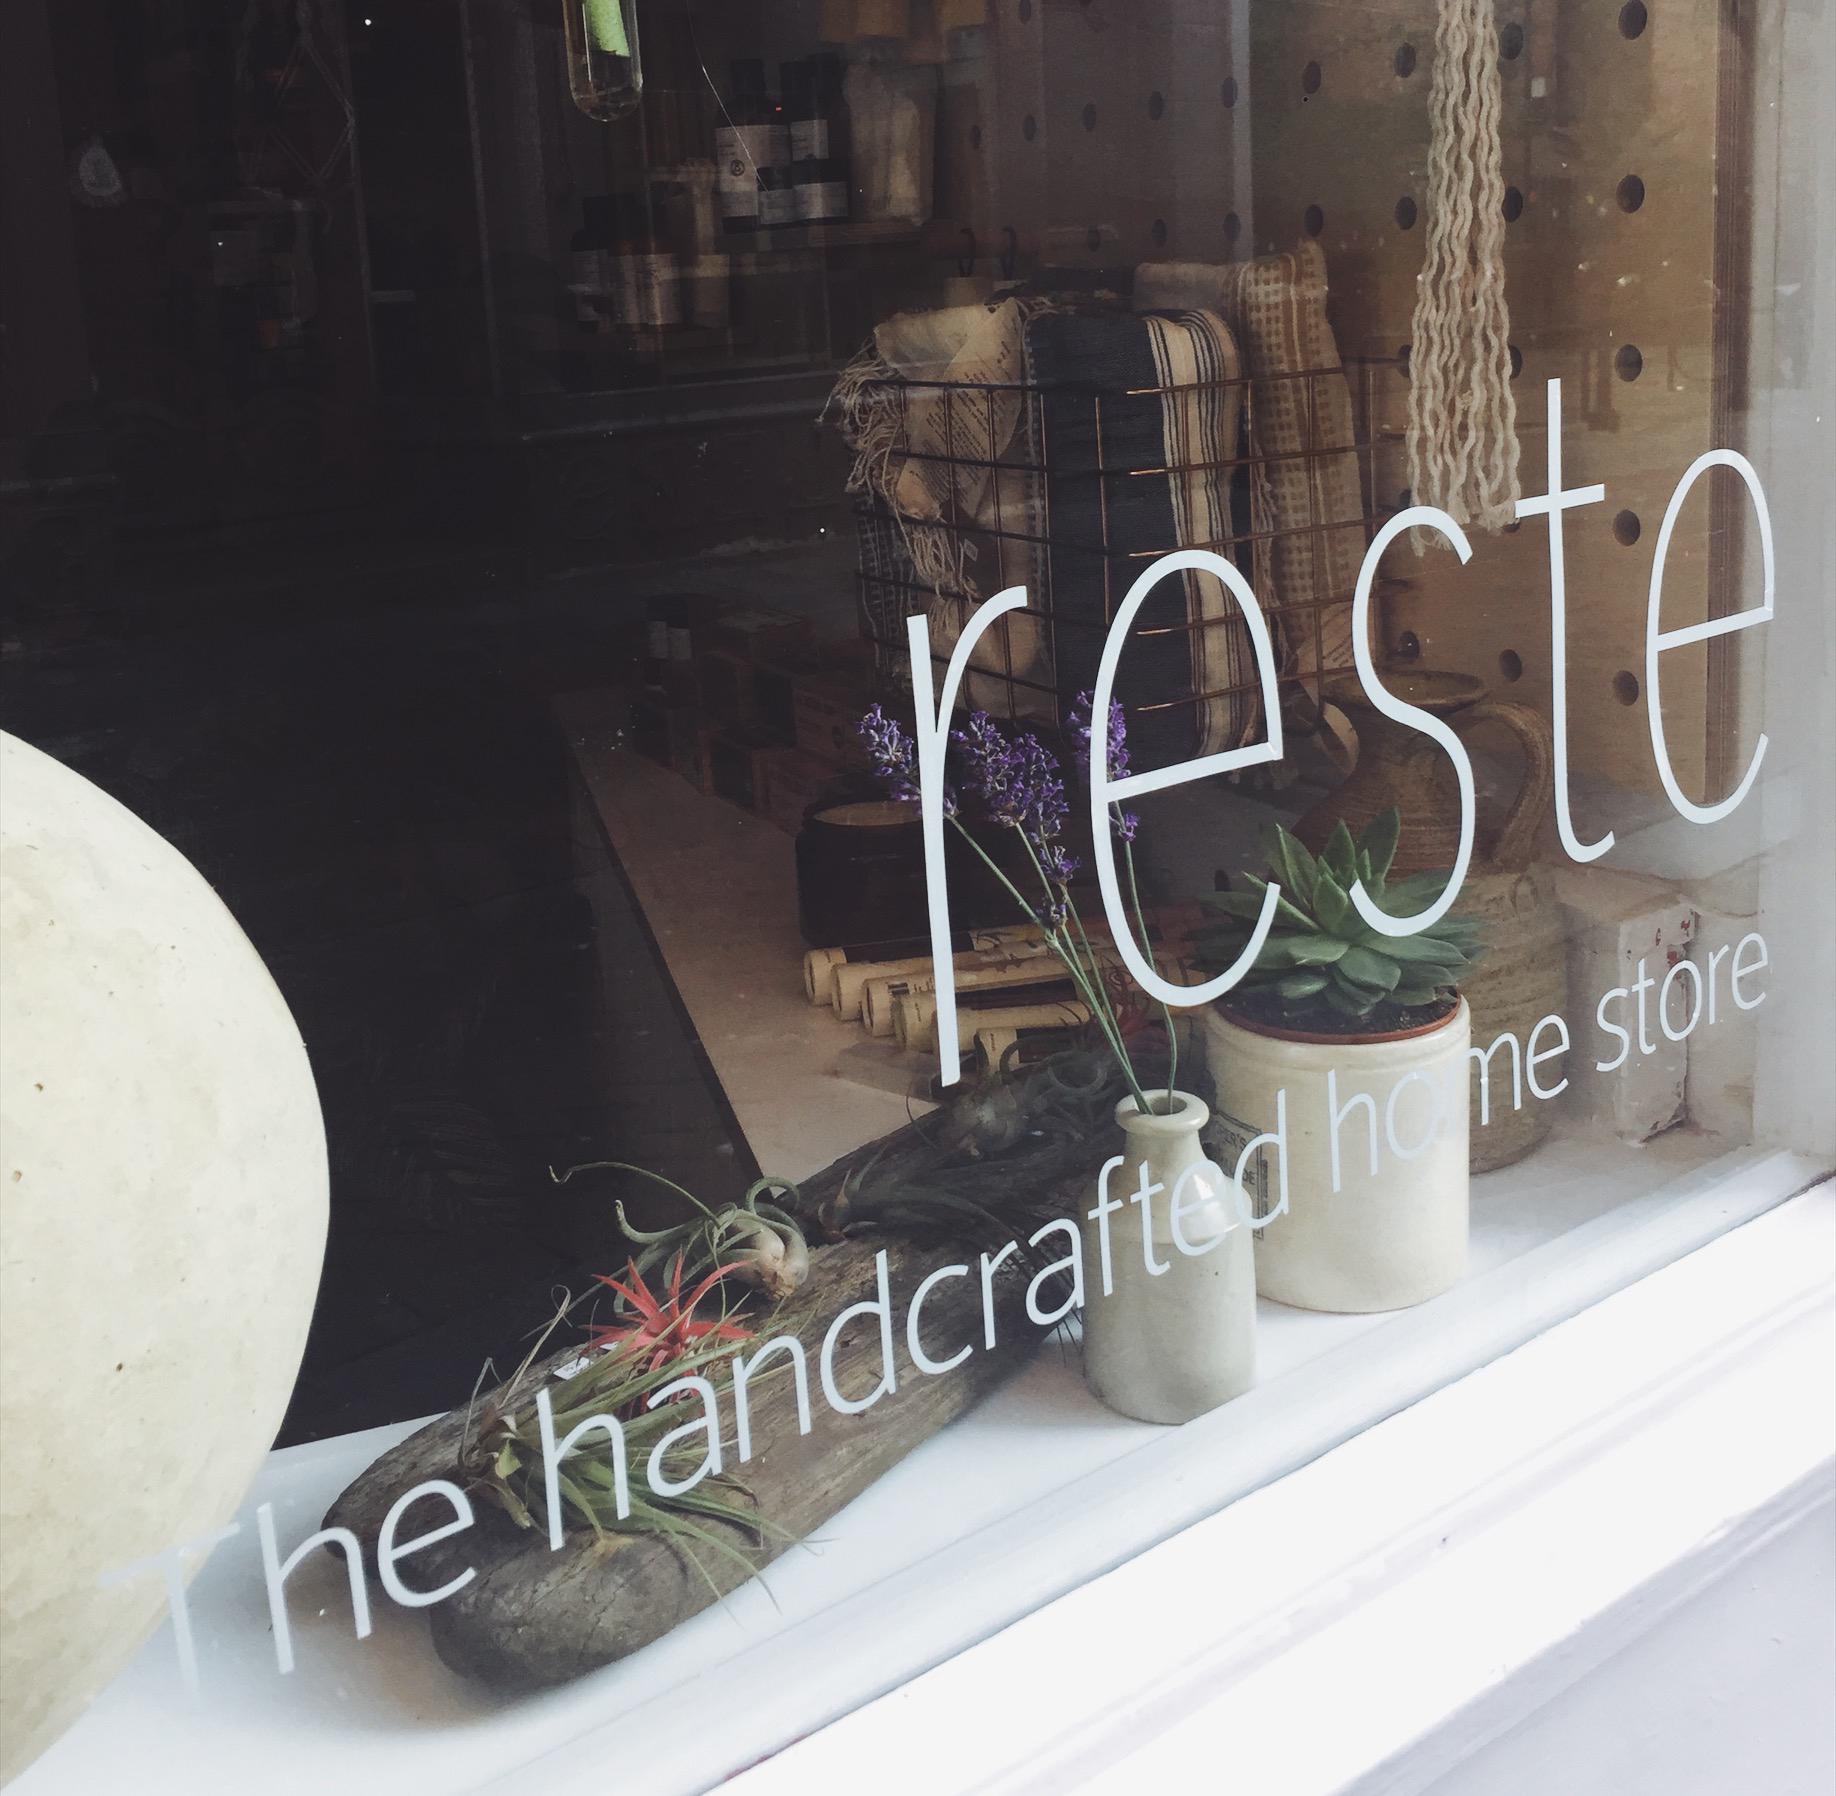 Reste, homeware store, Hastings